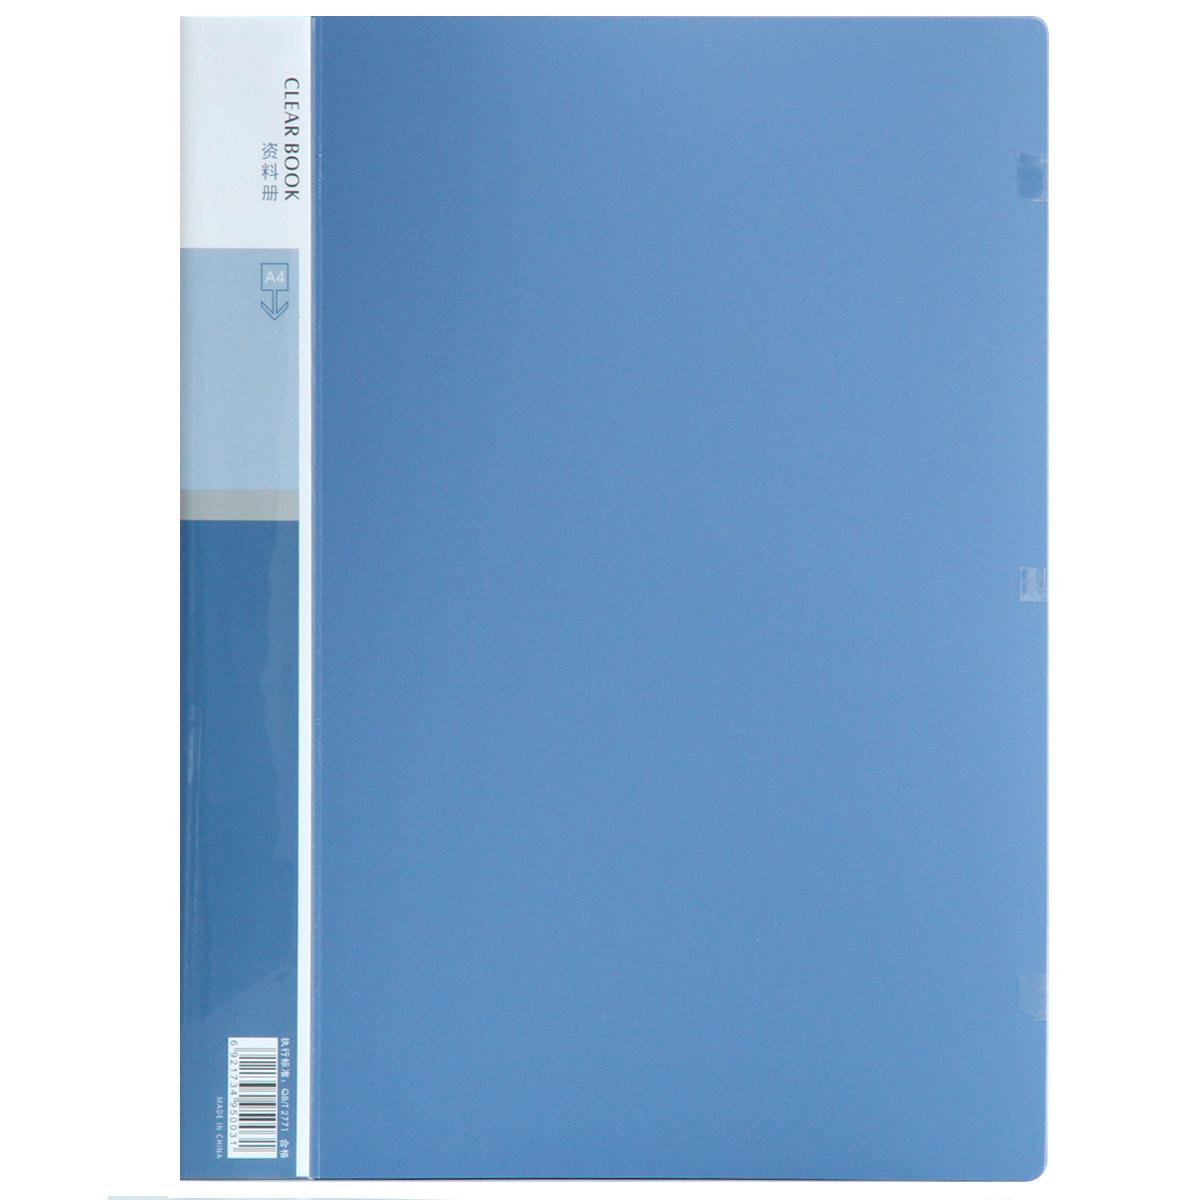 得力 5003 30页资料册(单位:本) 蓝